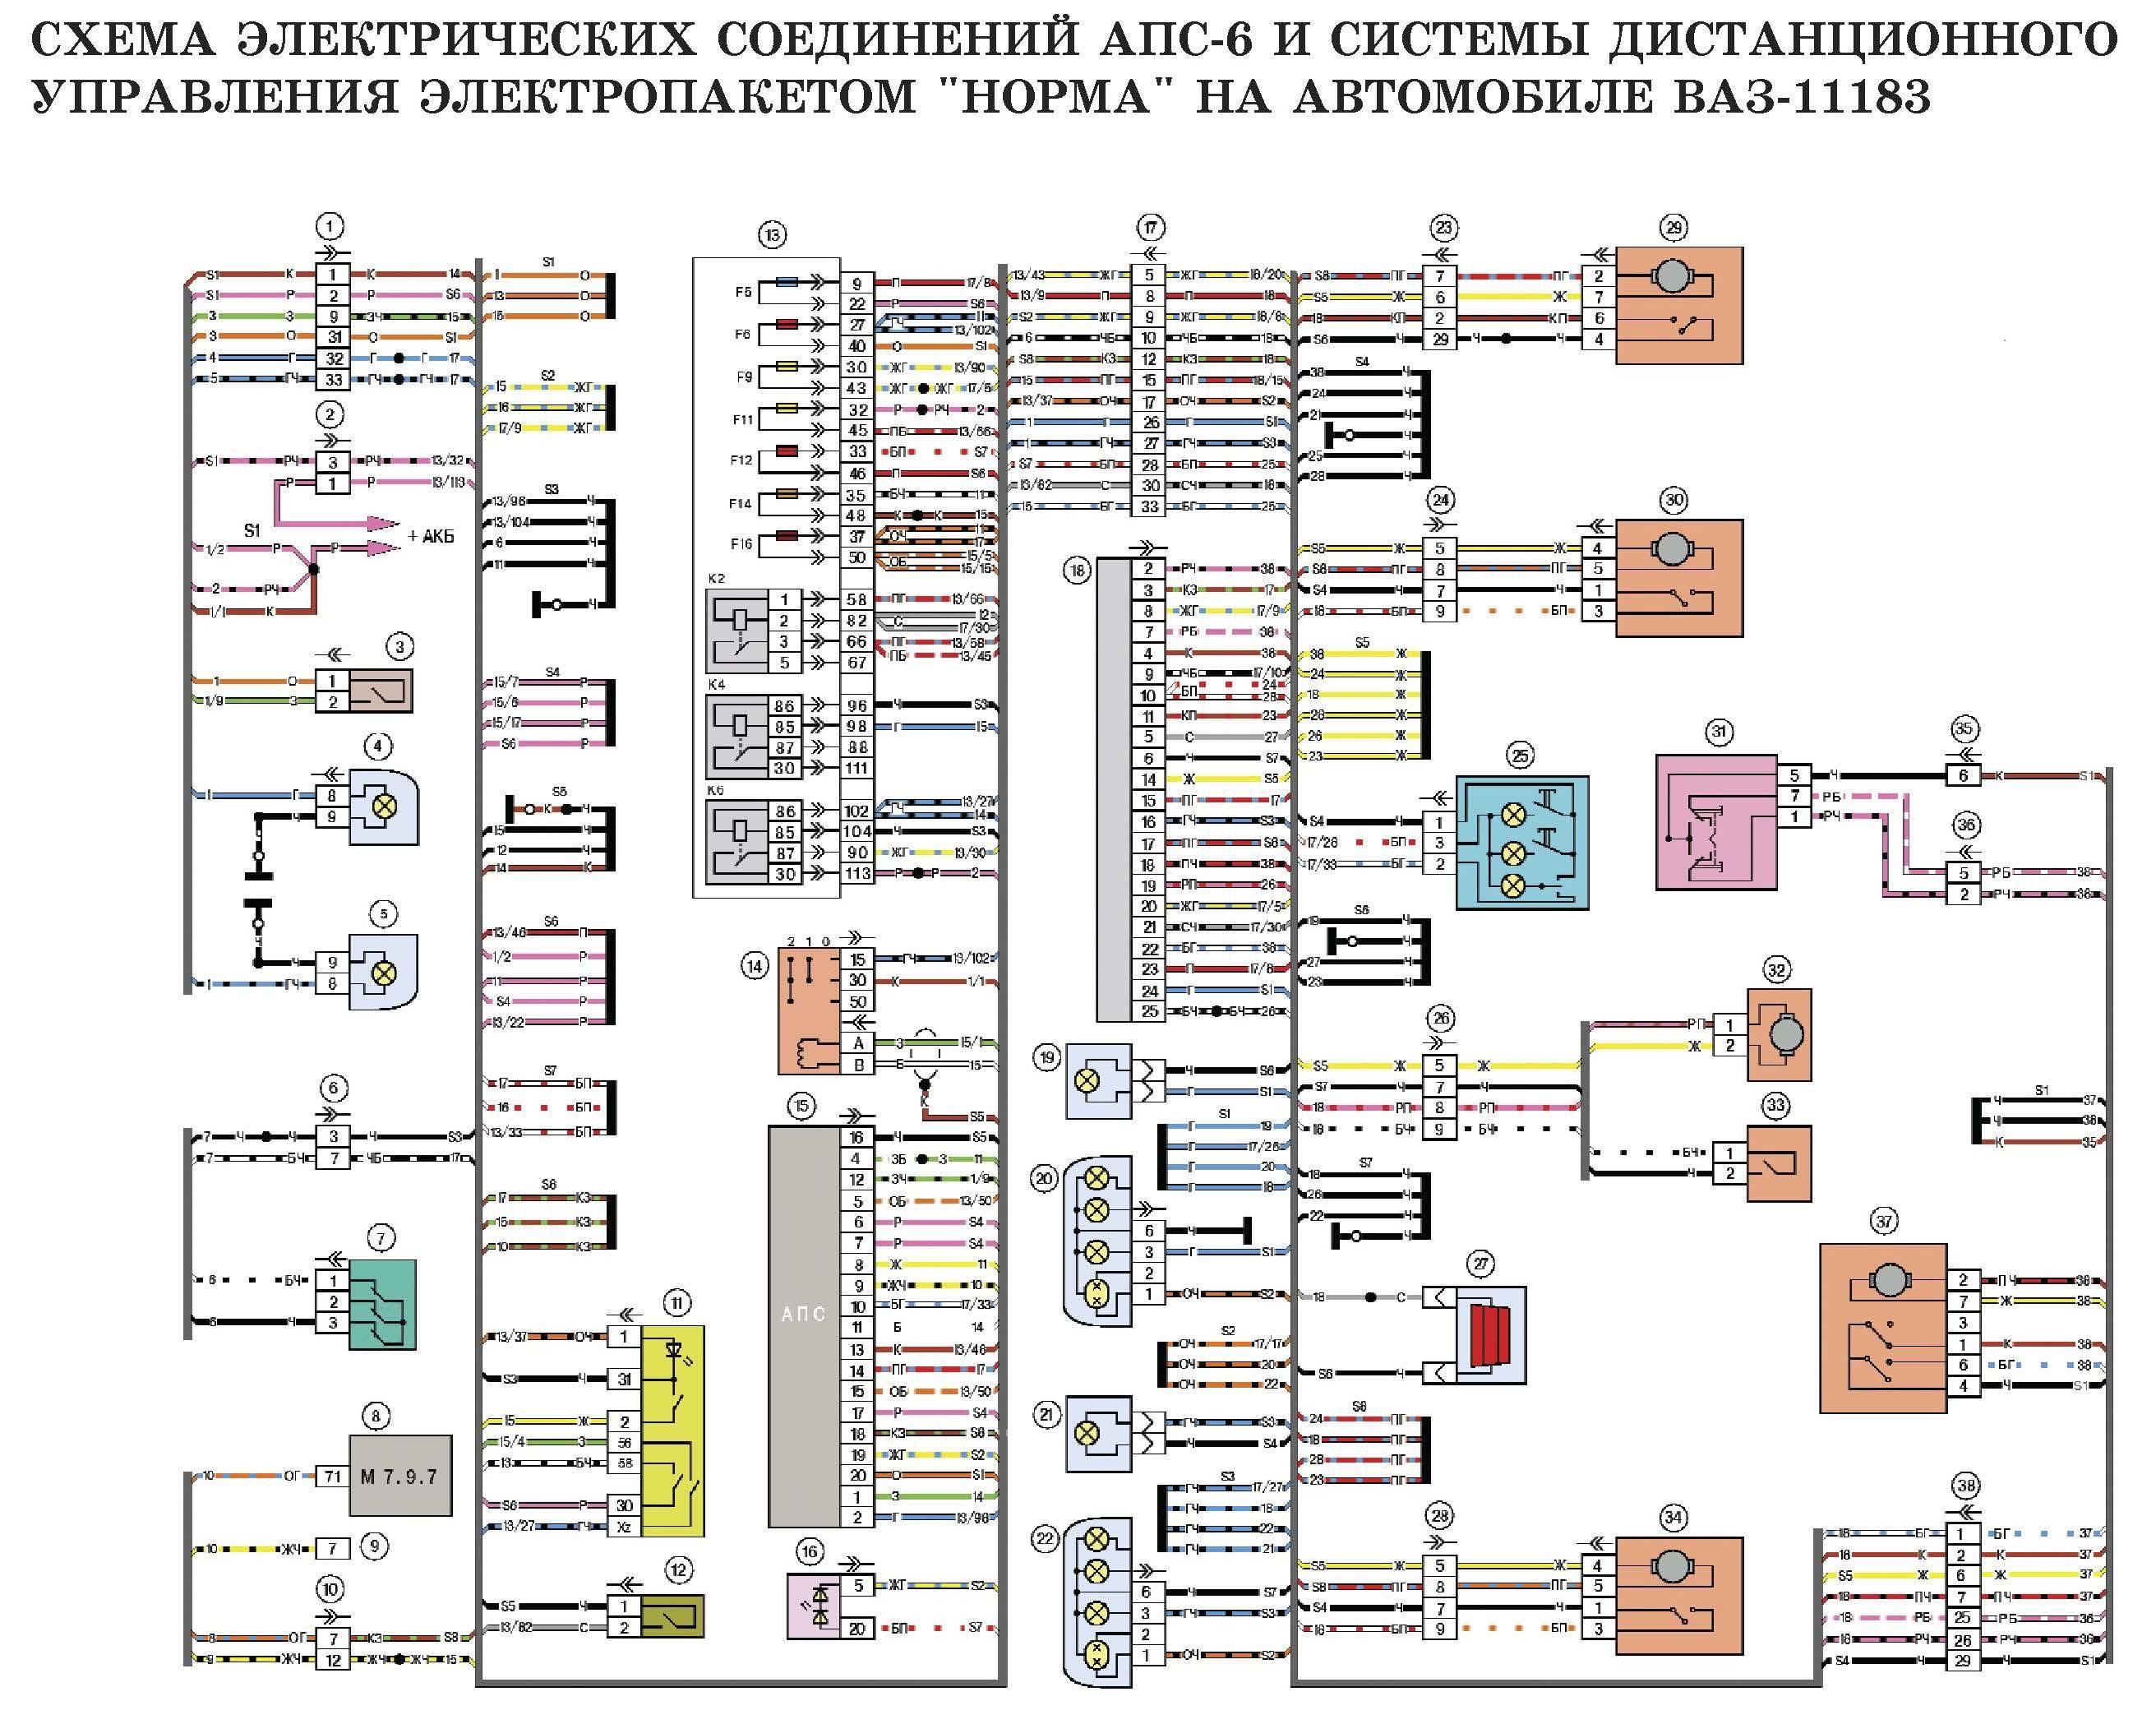 Схема электрических соединений АПС-6 и системы дистанционного управления электропакетом Норма на автомобиле ВАЗ-11183